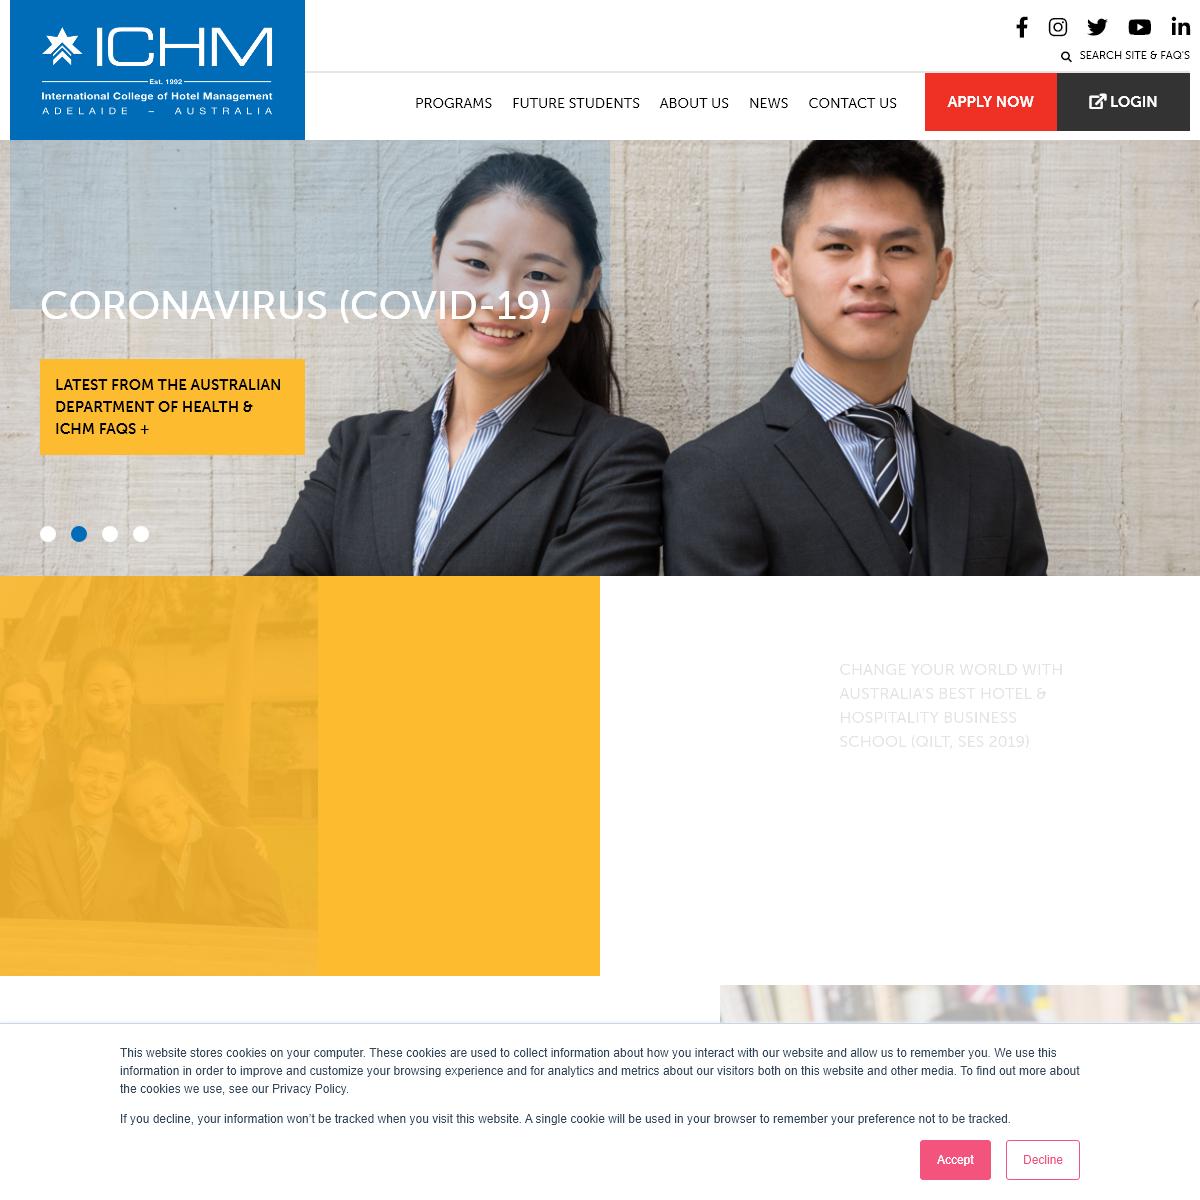 Study In Adelaide - Australia's Best Hotel Management School - ICHM